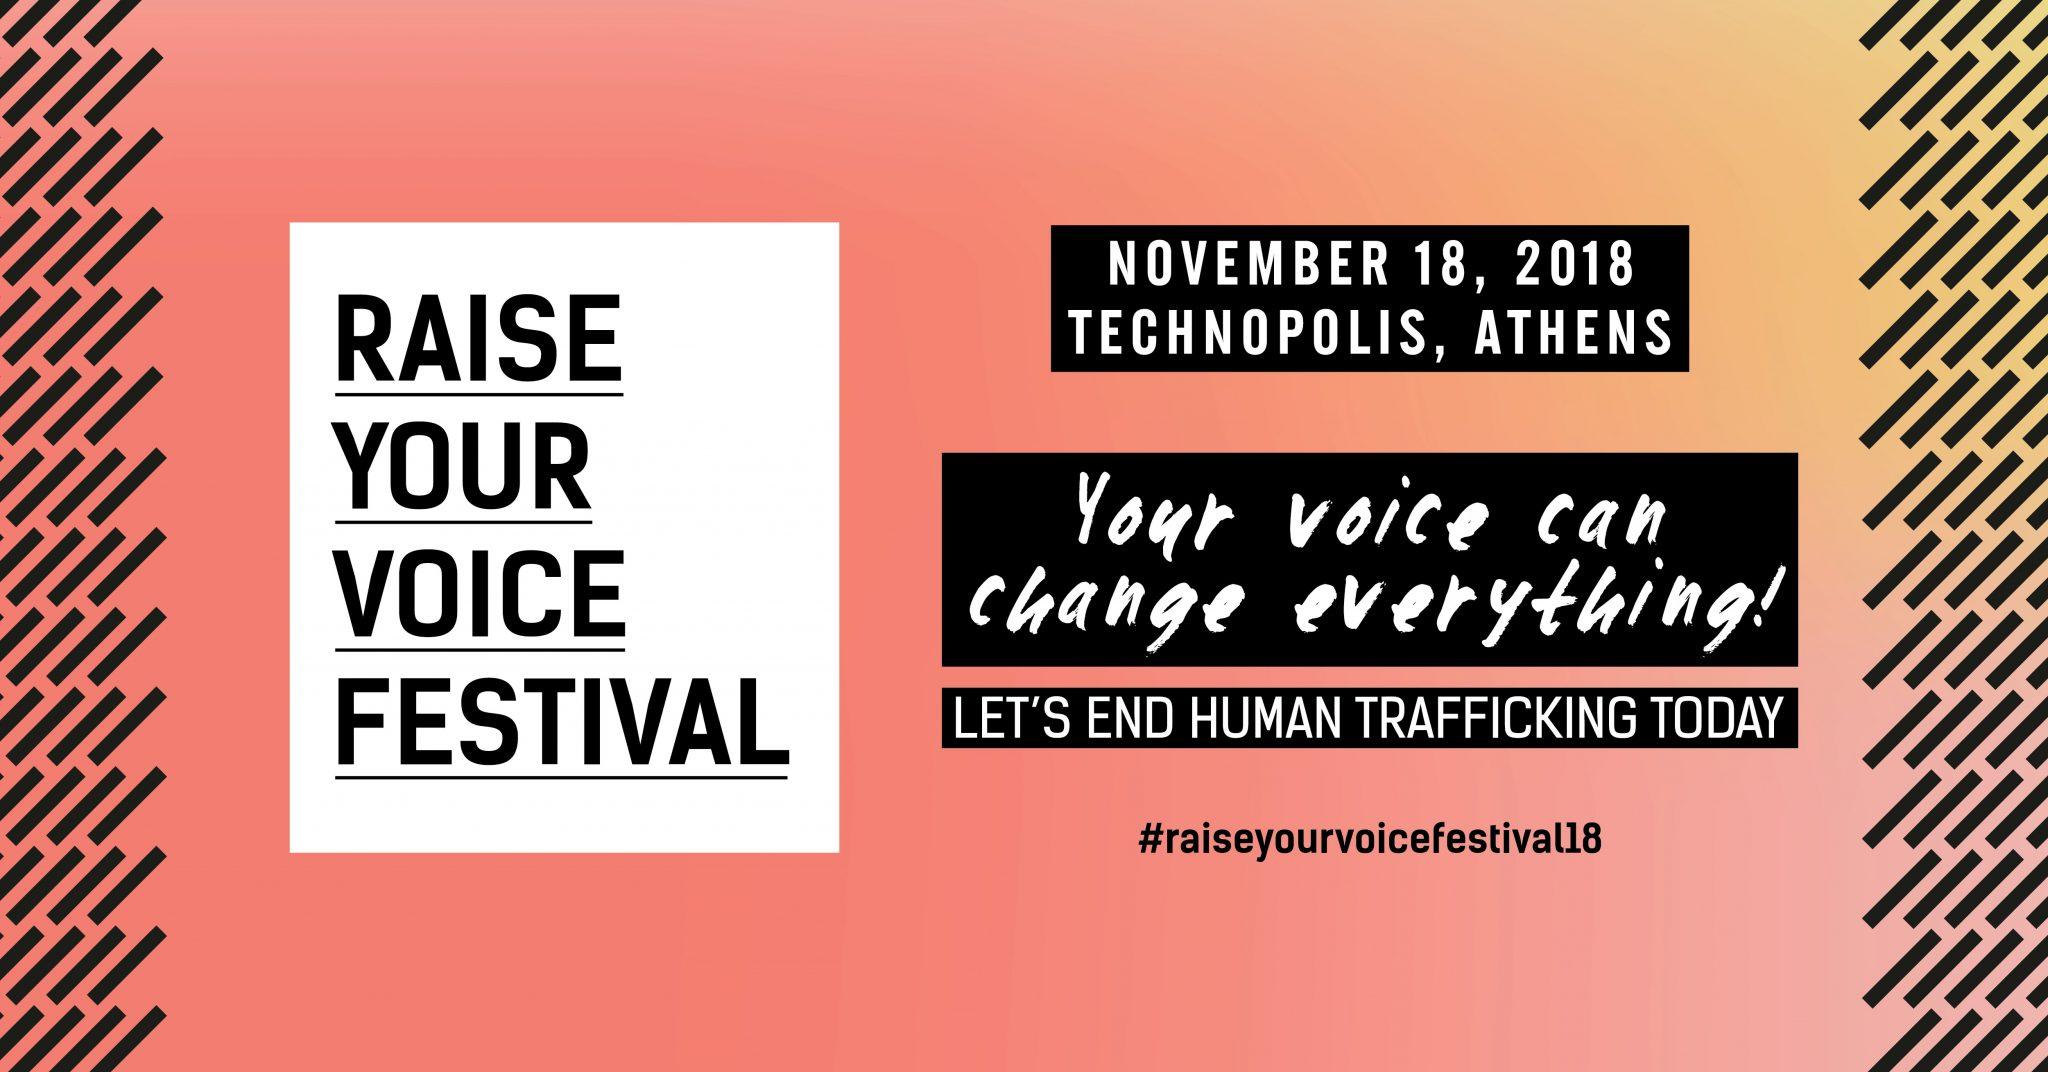 Raise Your Voice Festival